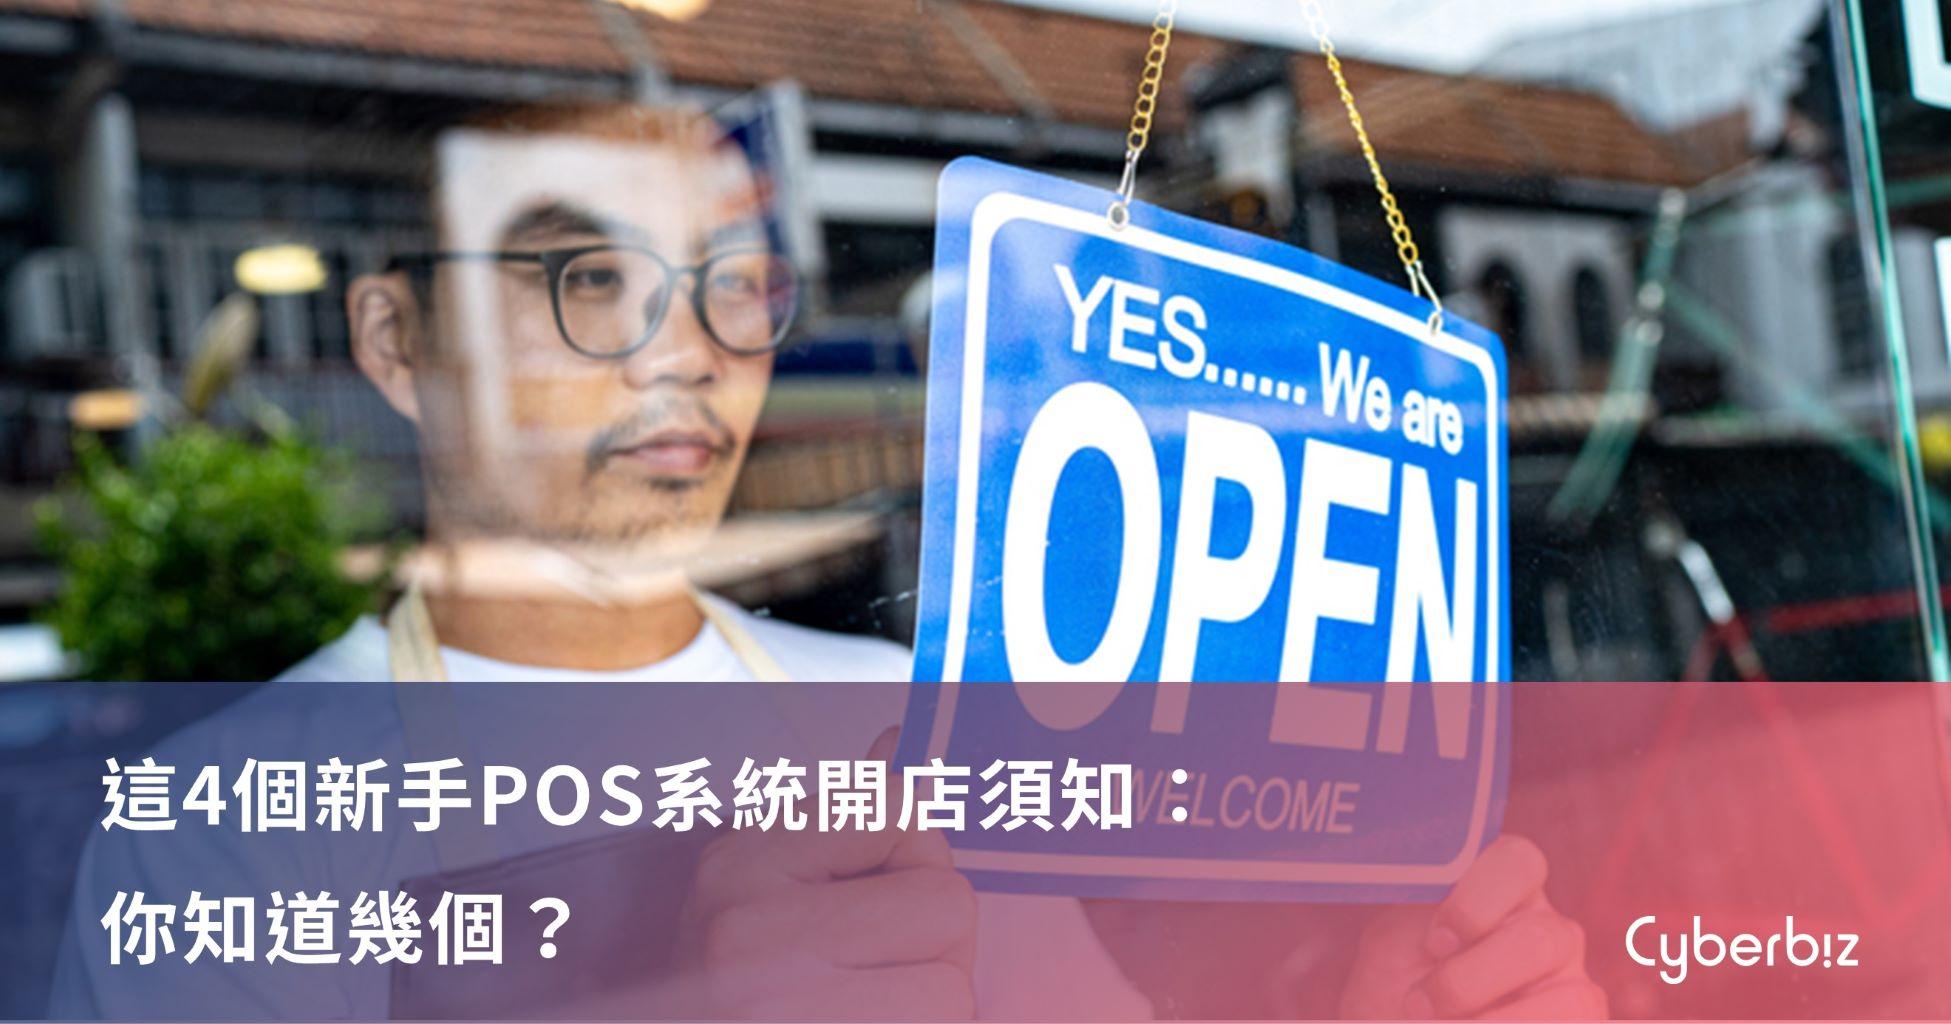 新手開店如何選POS系統?4招POS功能幫你打造漂亮營收!